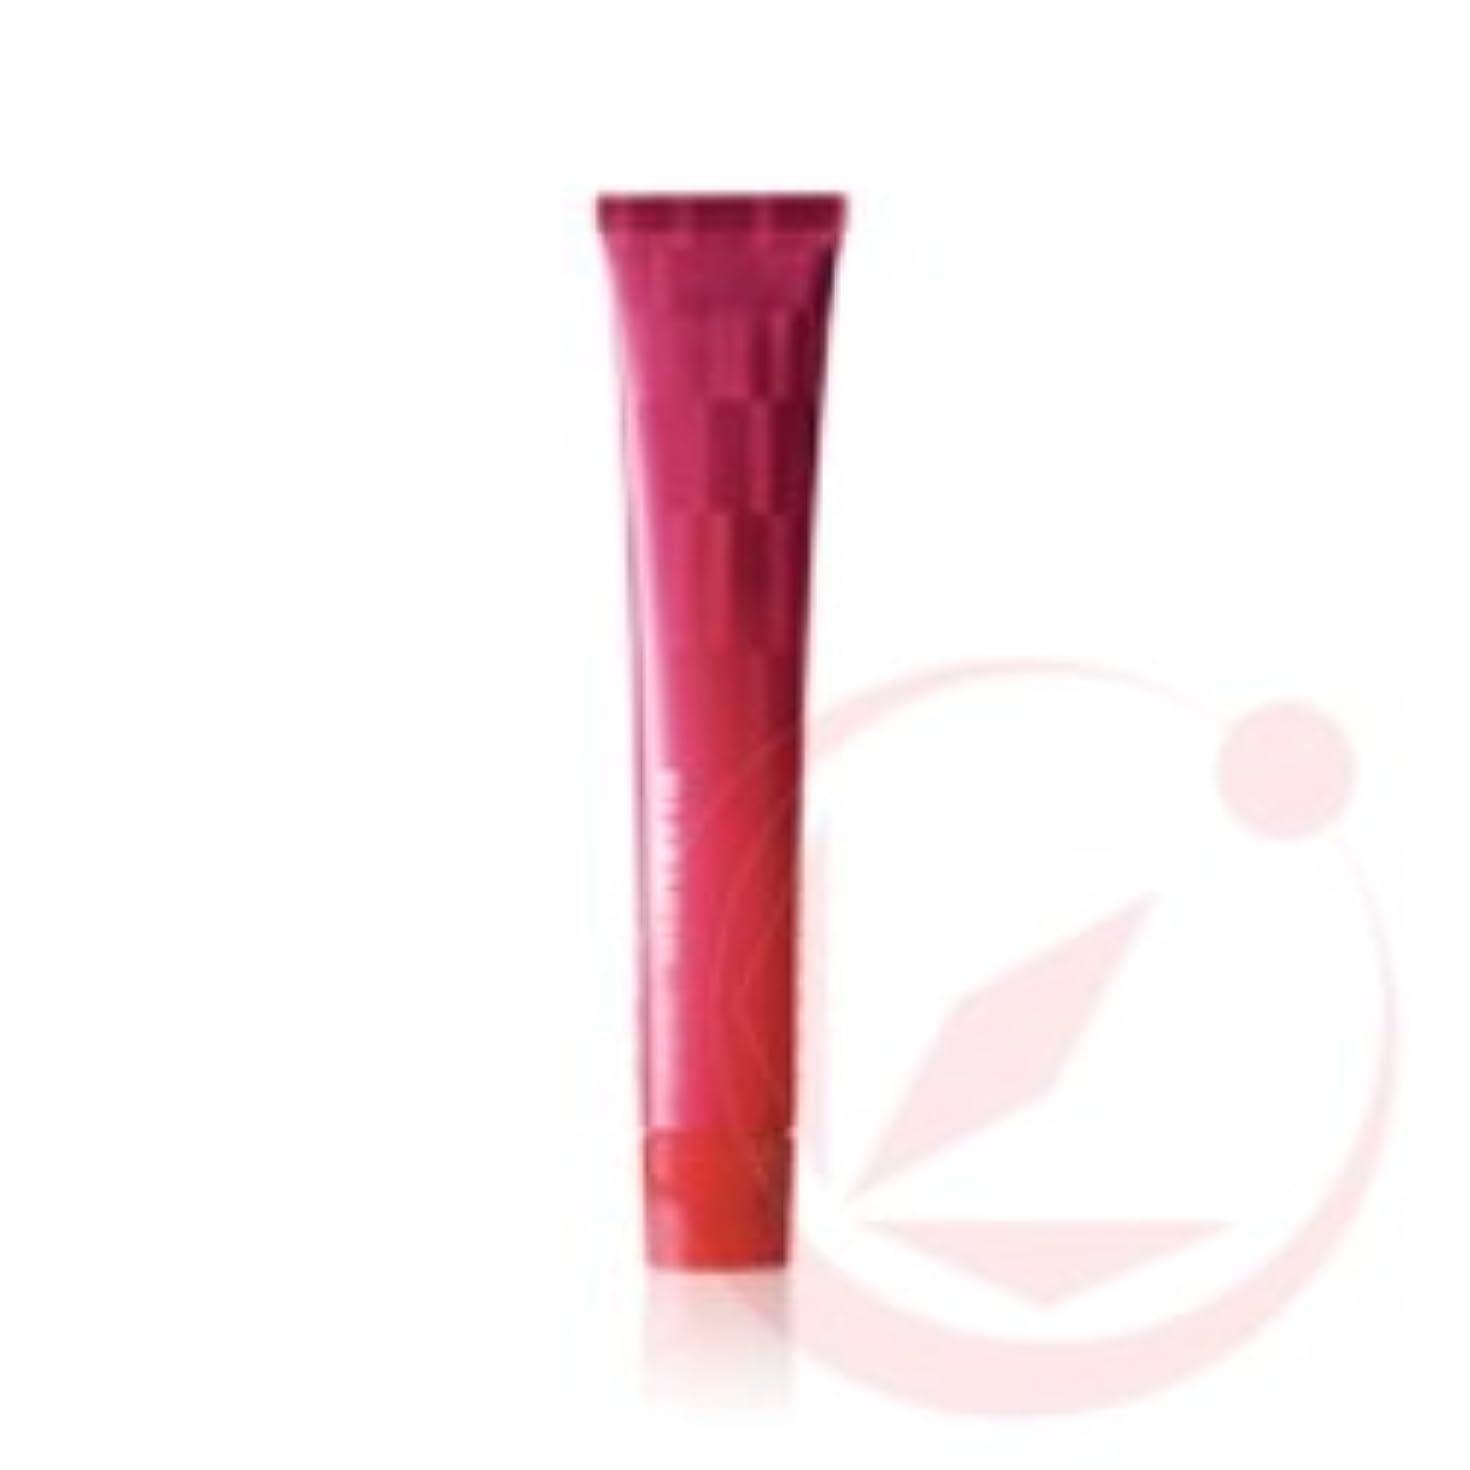 たらい忌避剤レビュアールベル マテリア インテグラルライン ベリーピンク 80g(1剤) BP-8